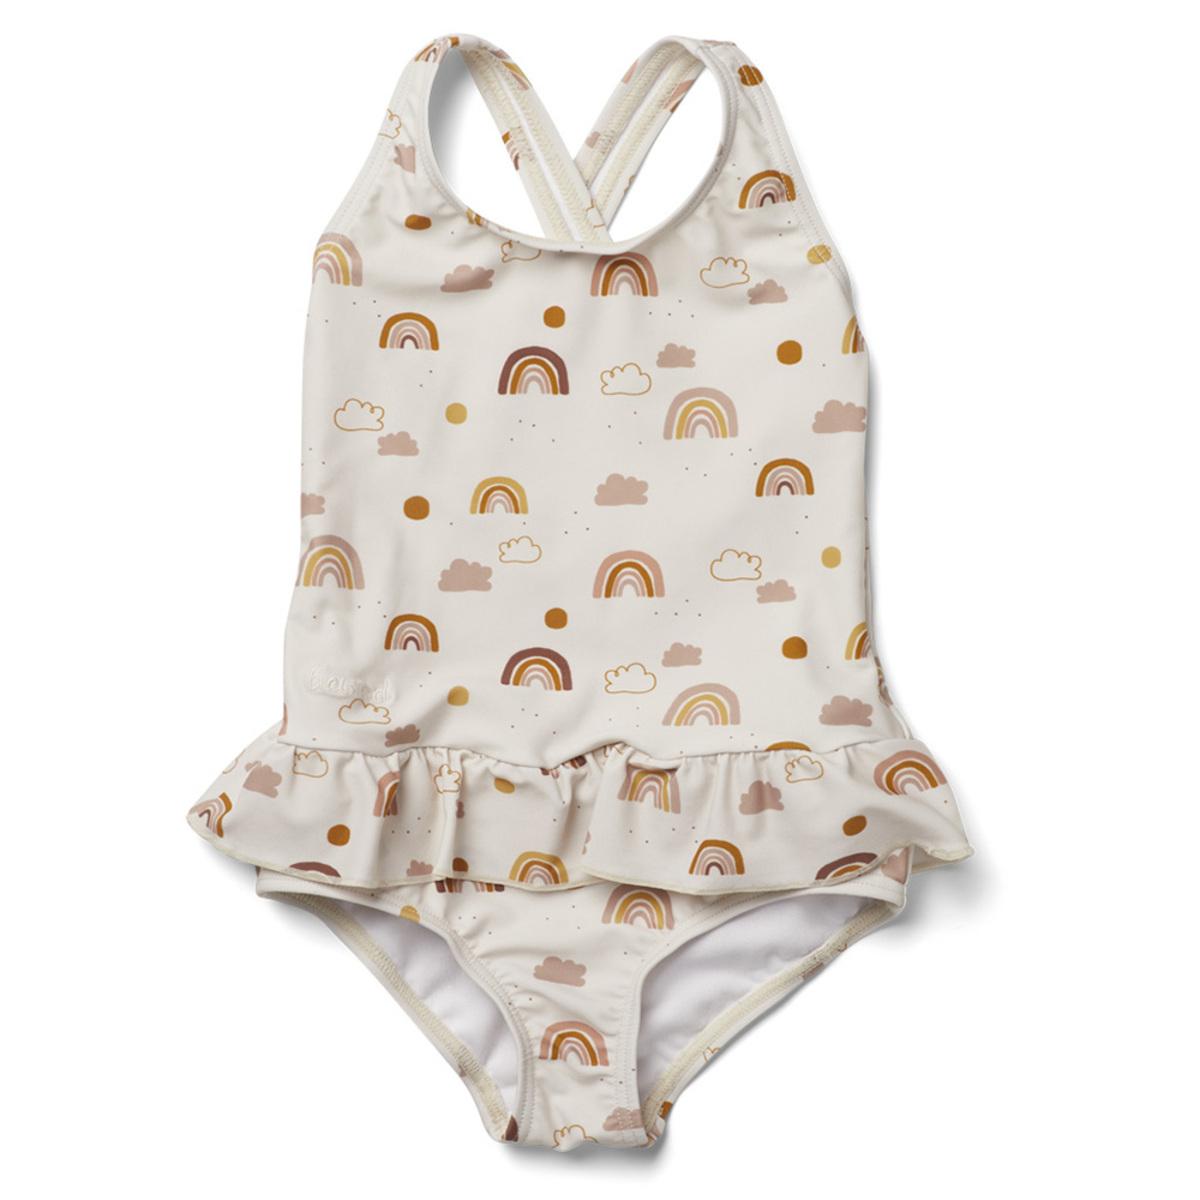 Accessoires bébé Maillot de Bain Amara Rainbow Love Sandy - 3/9 Mois Maillot de Bain Amara Rainbow Love Sandy - 3/9 Mois